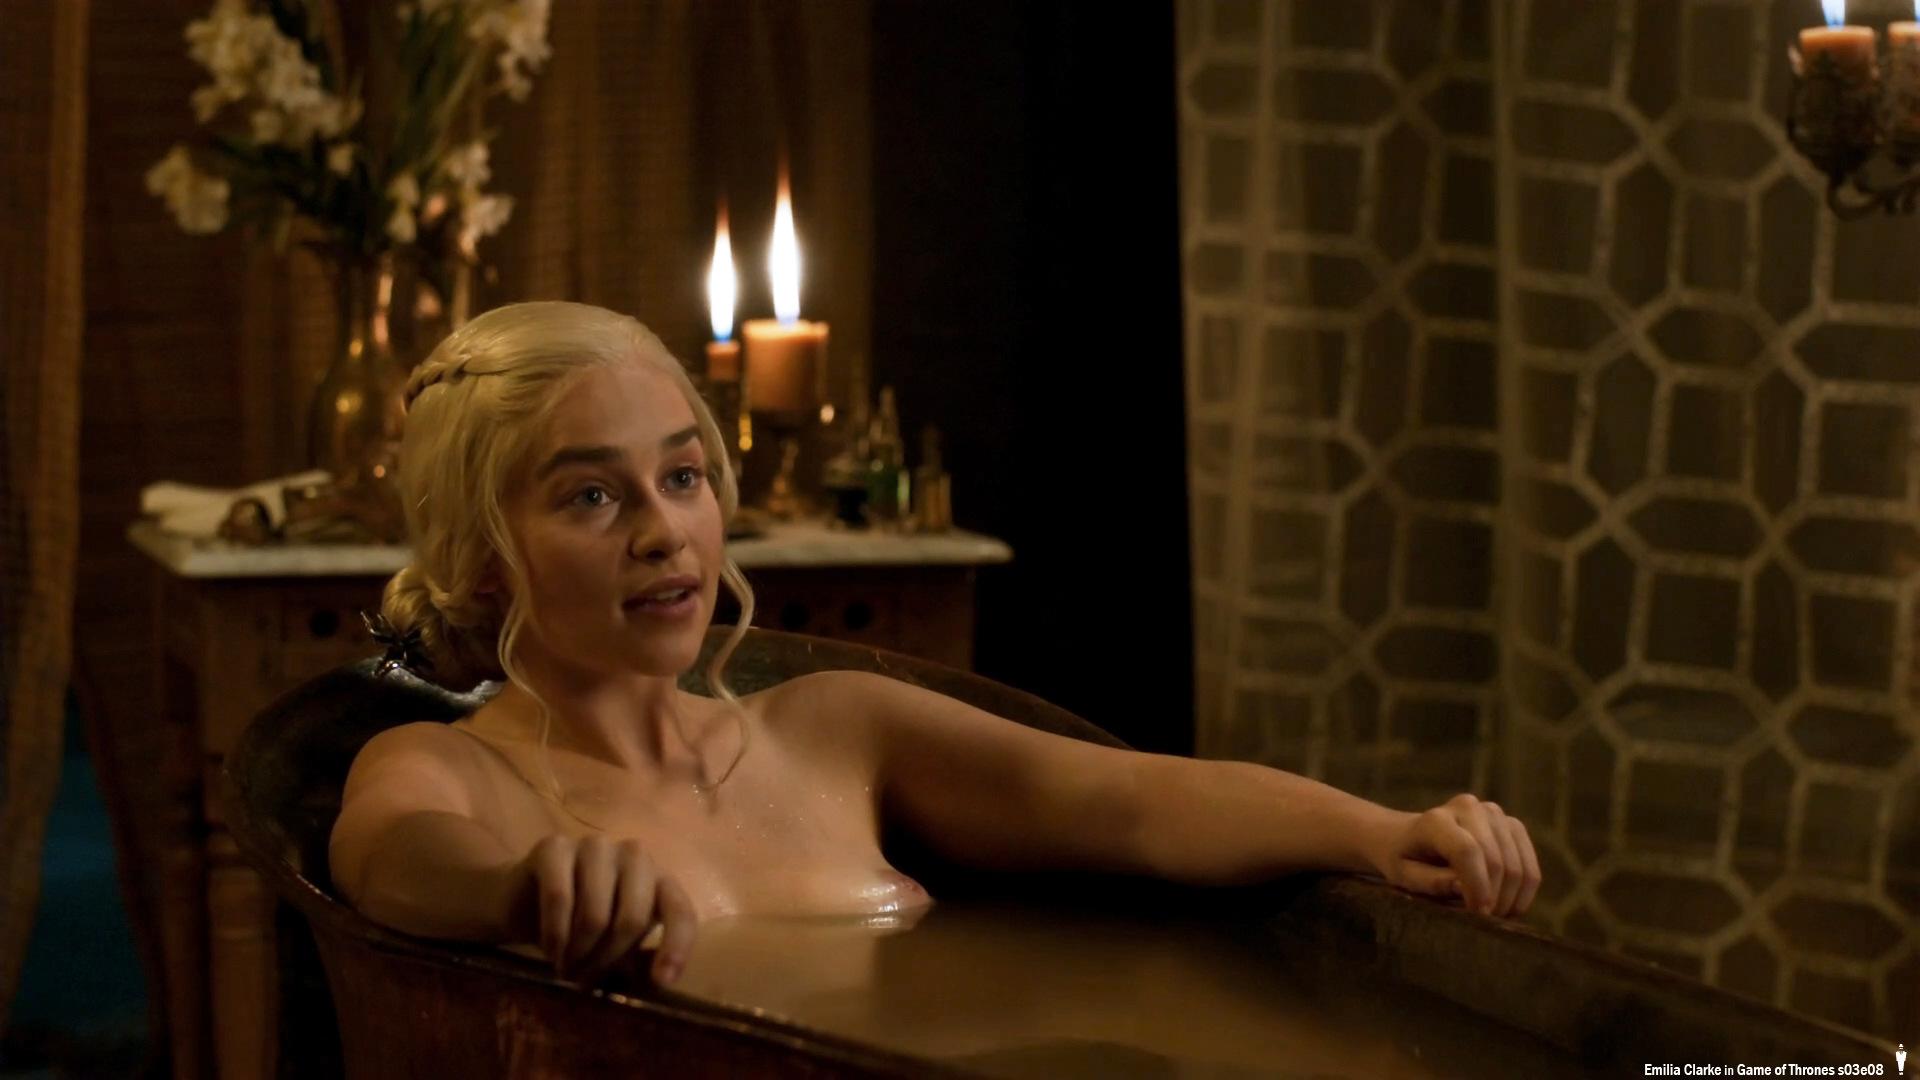 Blonde Bathtub Nude 41